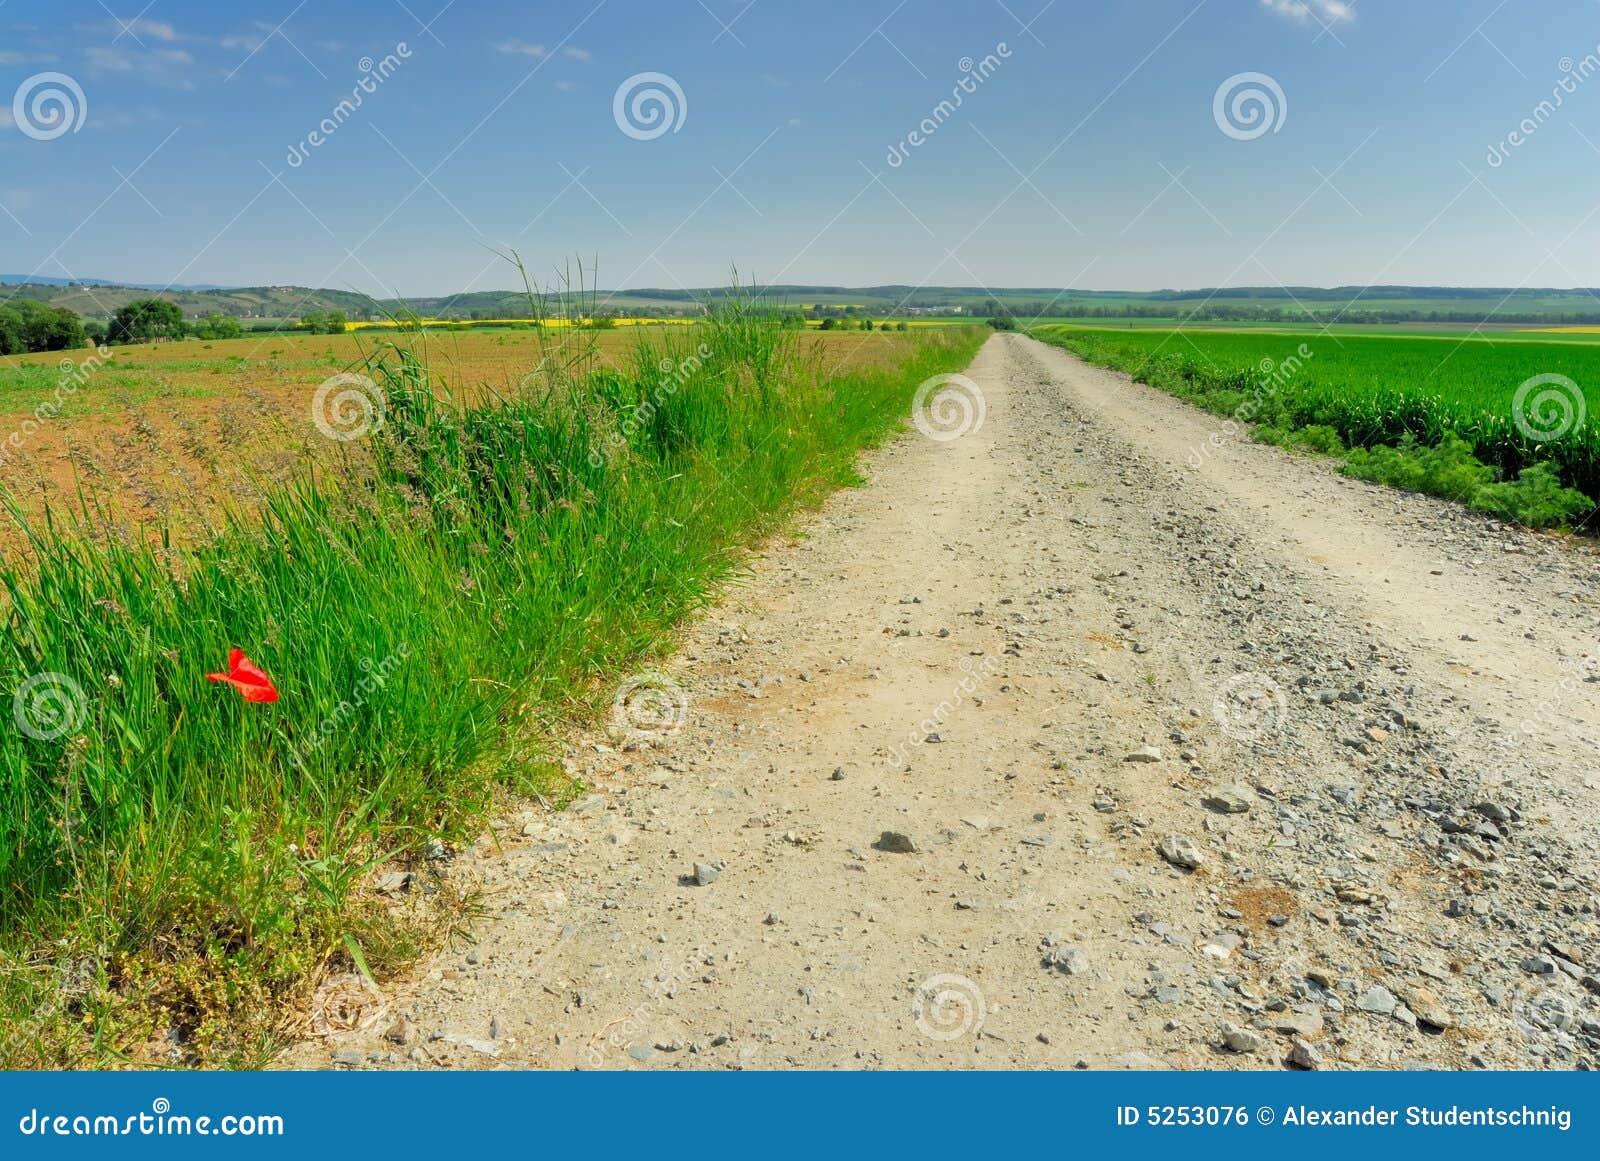 Gravel road no.2